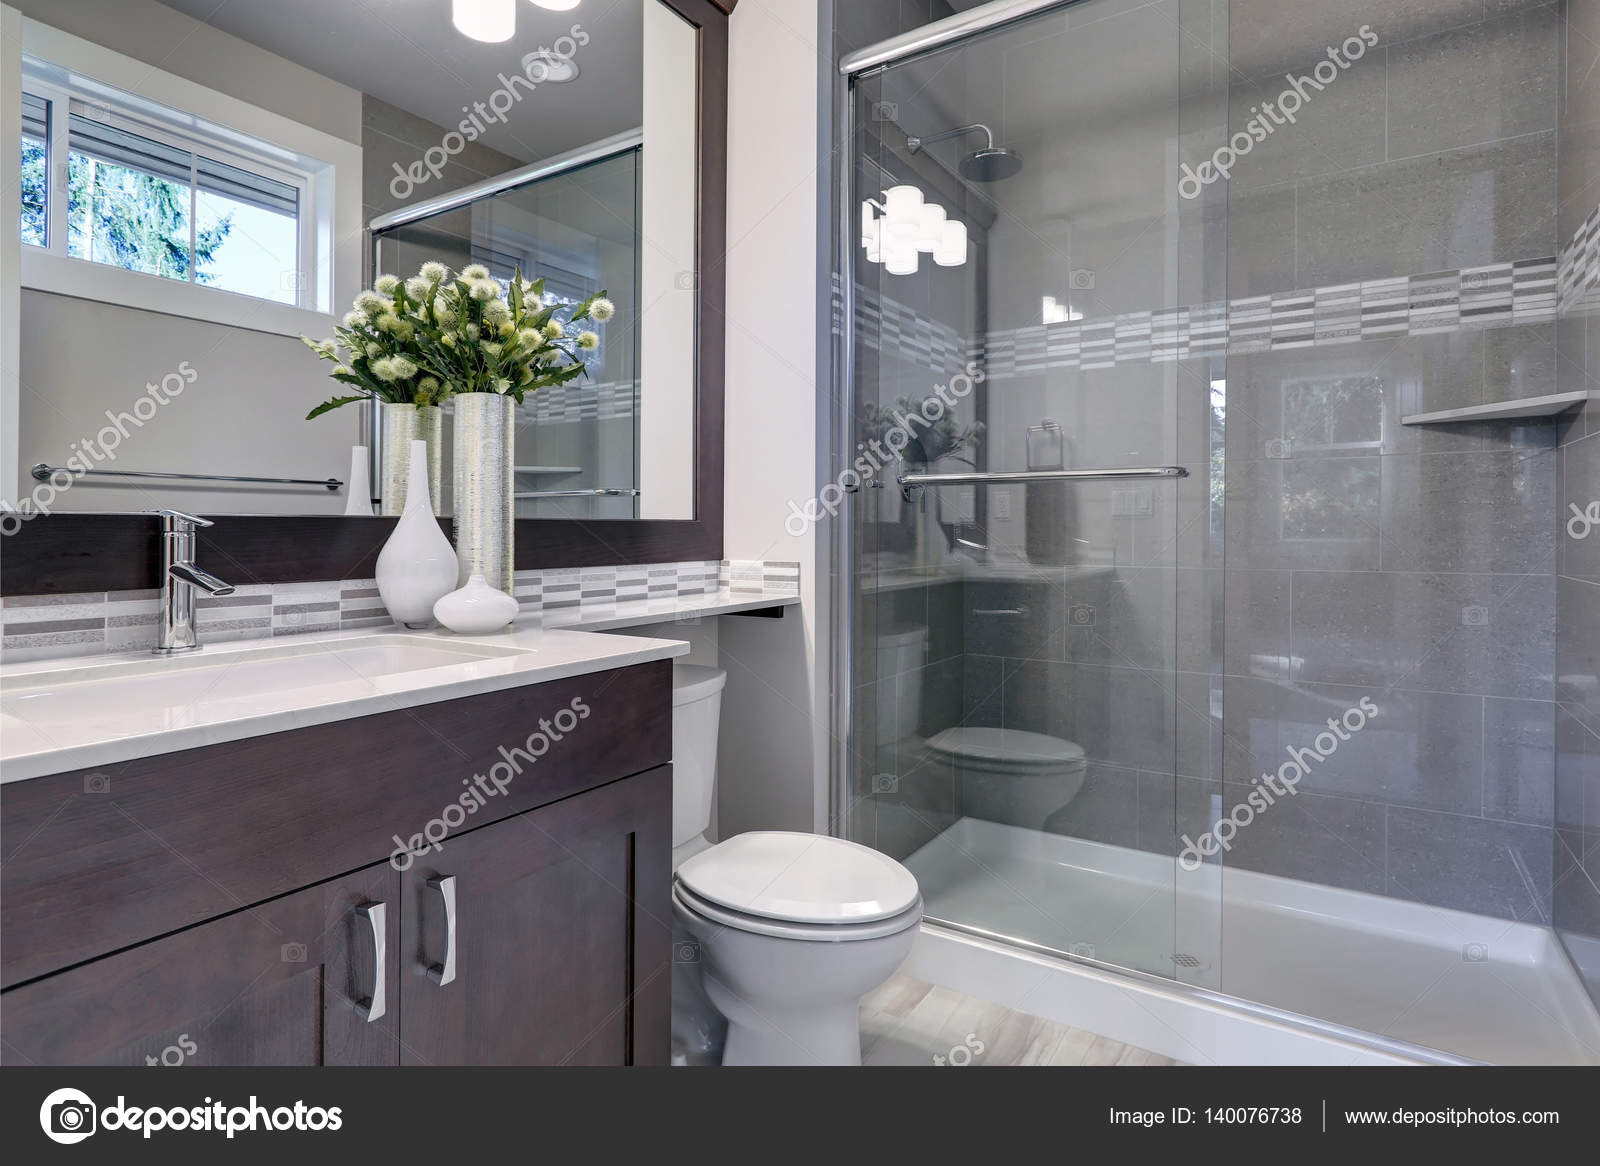 Ванная комната стекло встраиваемый смеситель купить спб